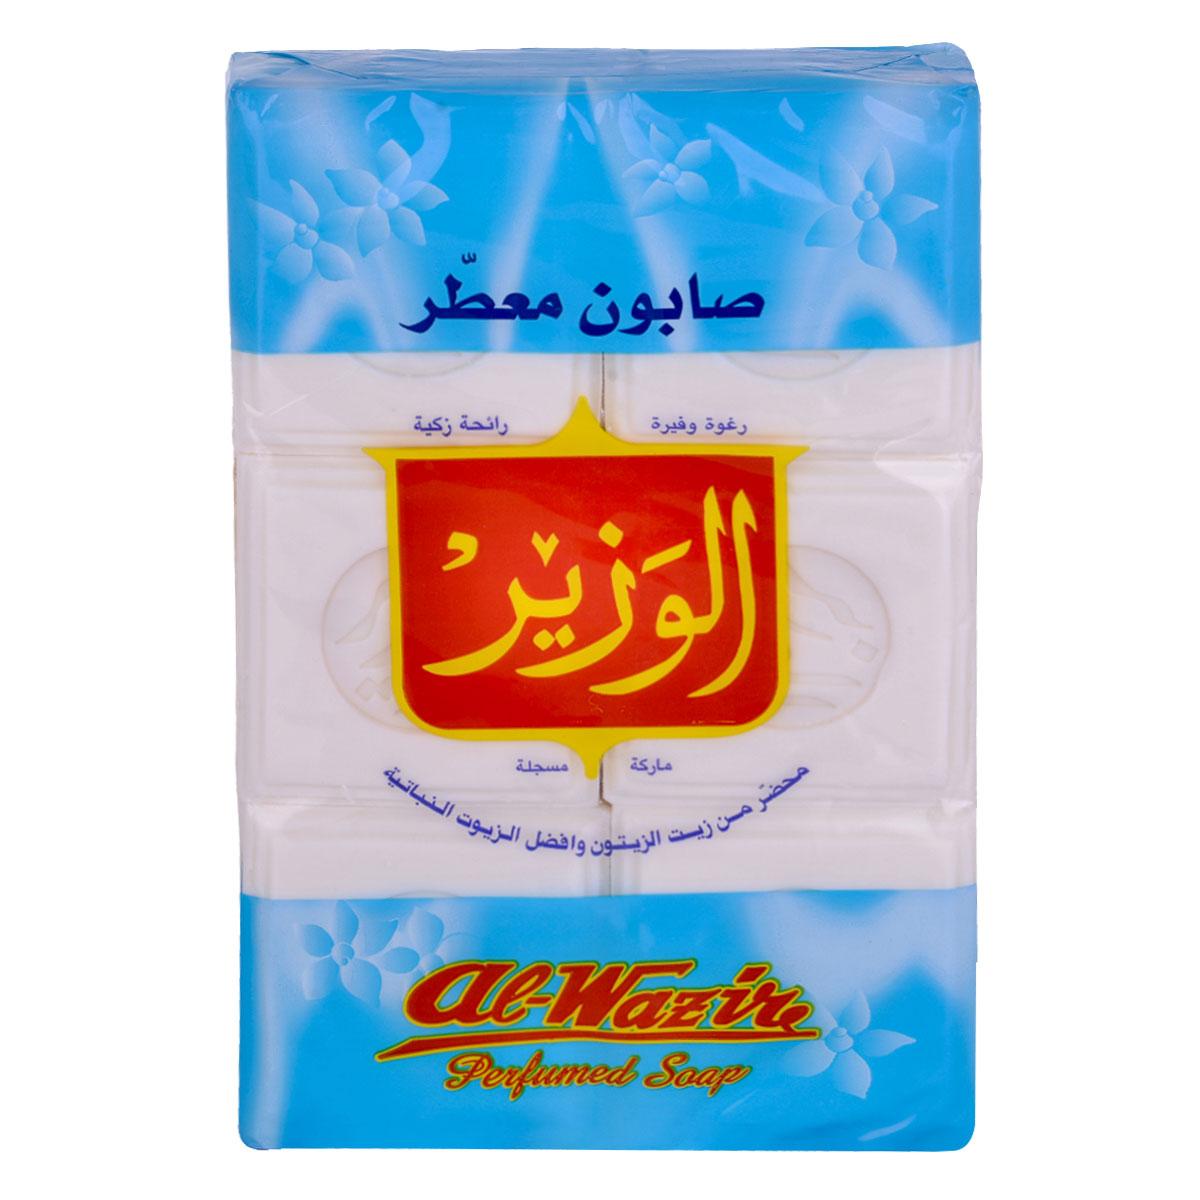 صابون معطر الوزير  900 جرام  - كيس  6 حبة